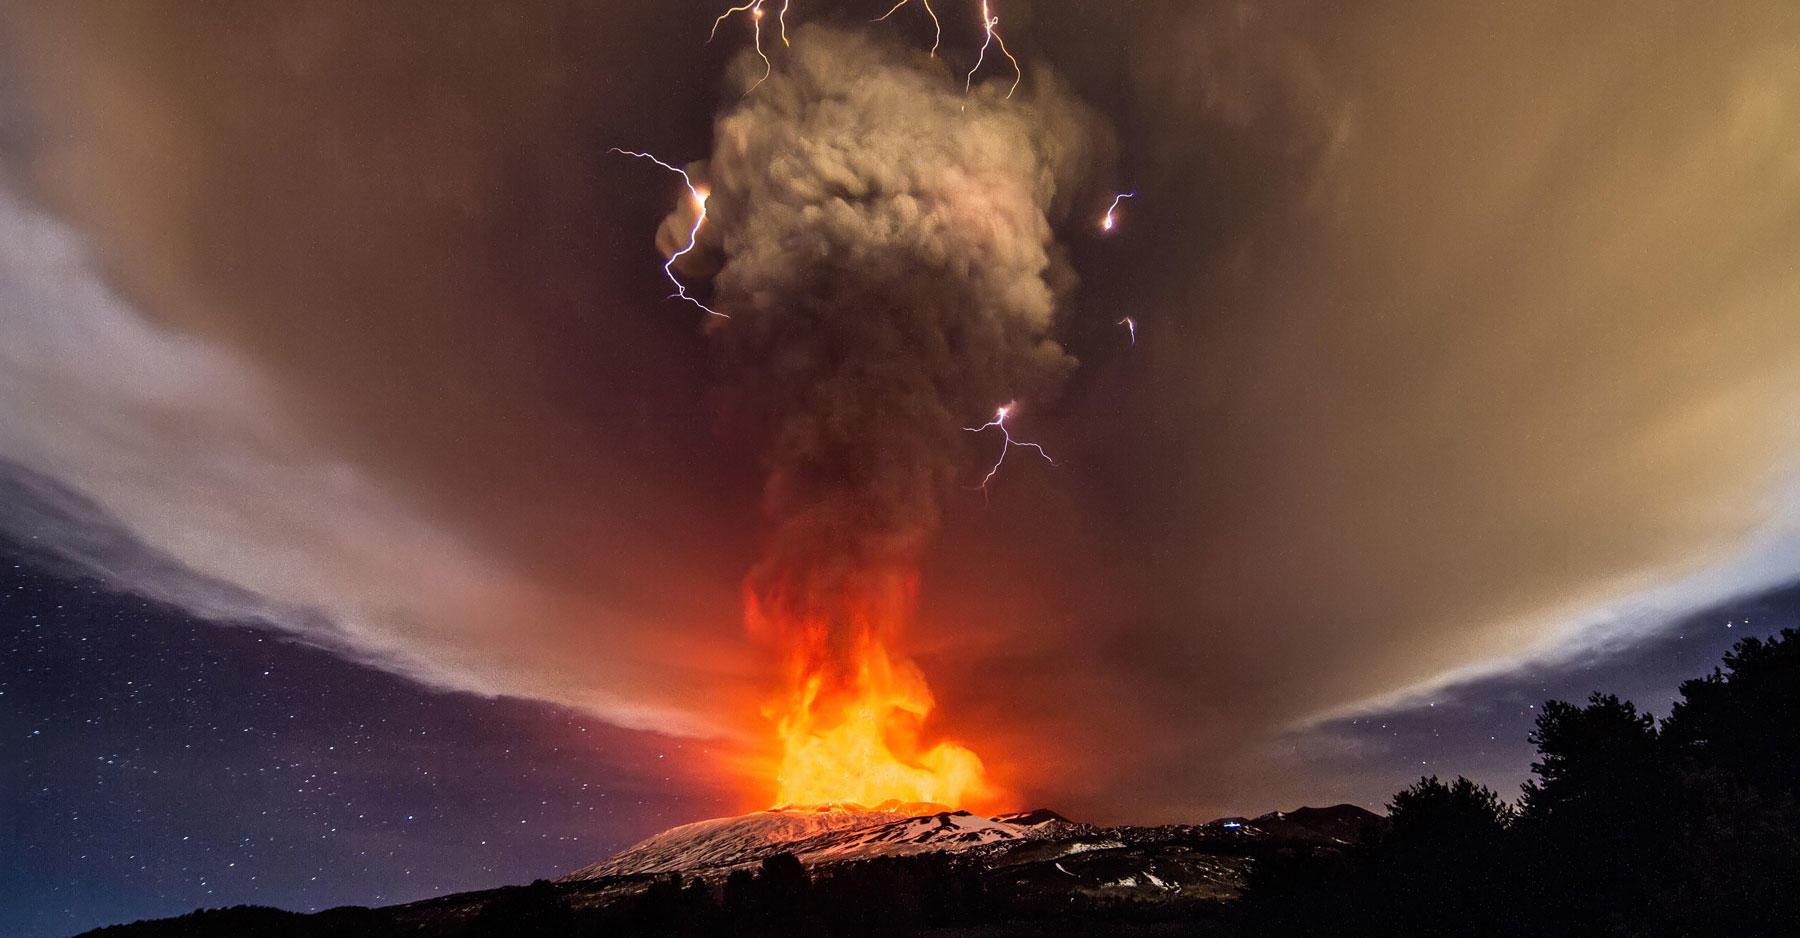 Mount Etna December 2015 eruption